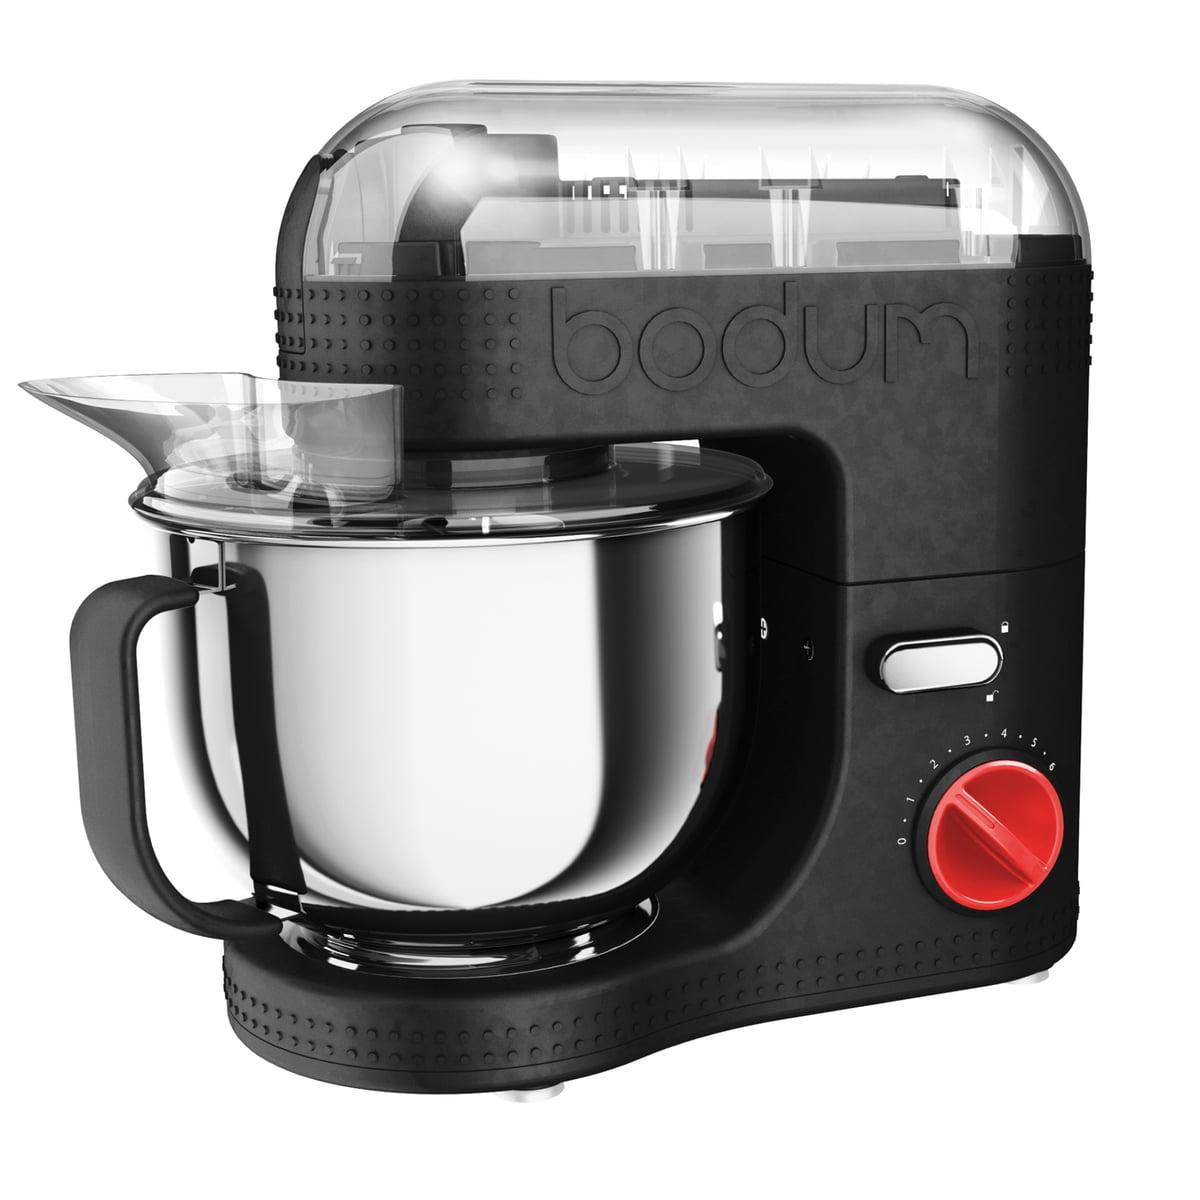 Bodum - Bistro elektrische Küchenmaschine 4 7 l  weiß   Küche und Esszimmer > Küchengeräte > Rührgeräte und Mixer   Bodum